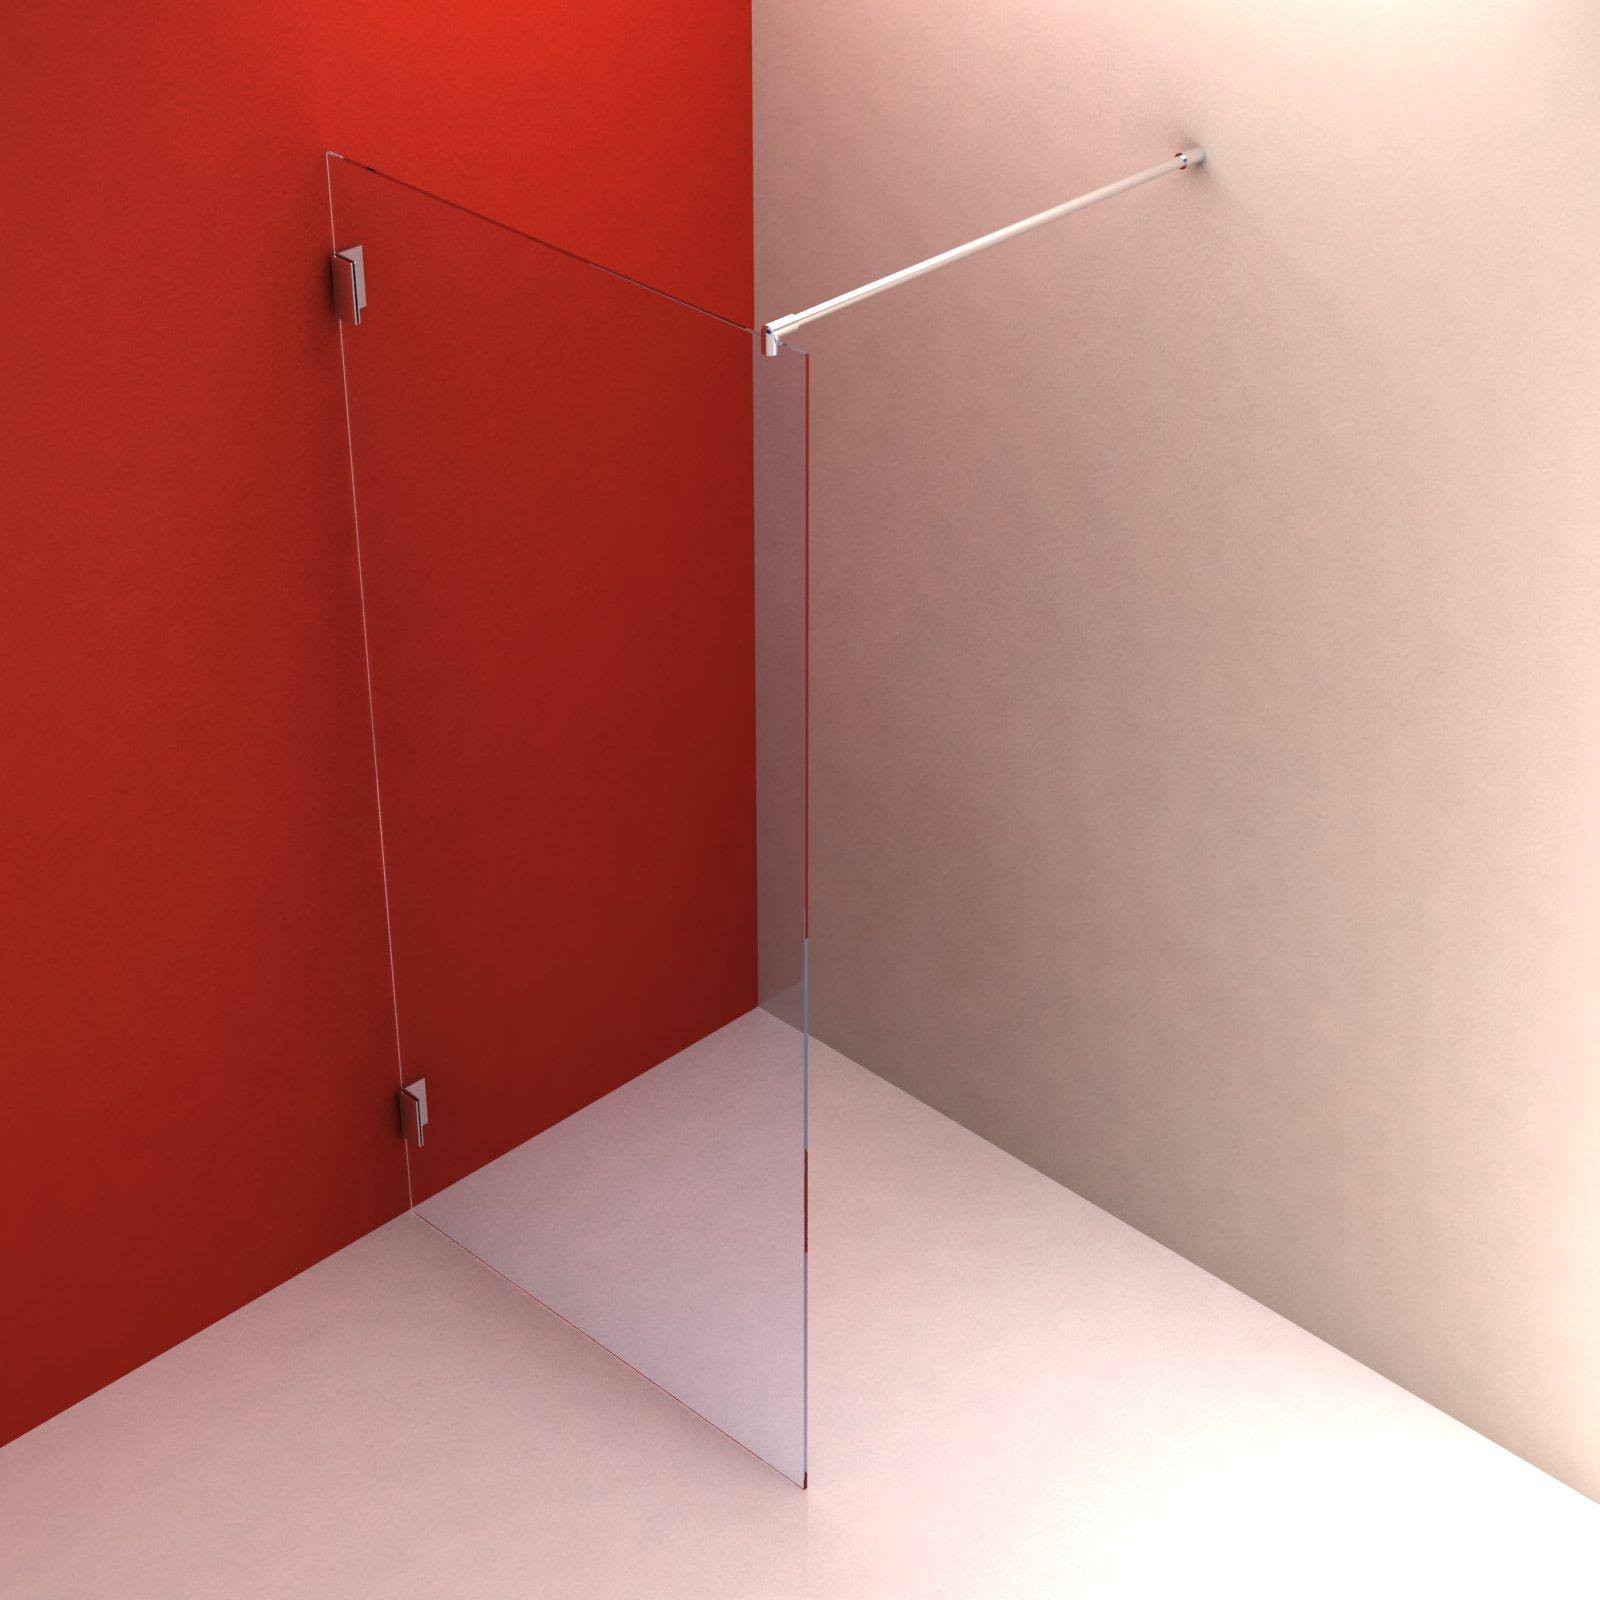 aus glas duschkabinen duschw nde. Black Bedroom Furniture Sets. Home Design Ideas